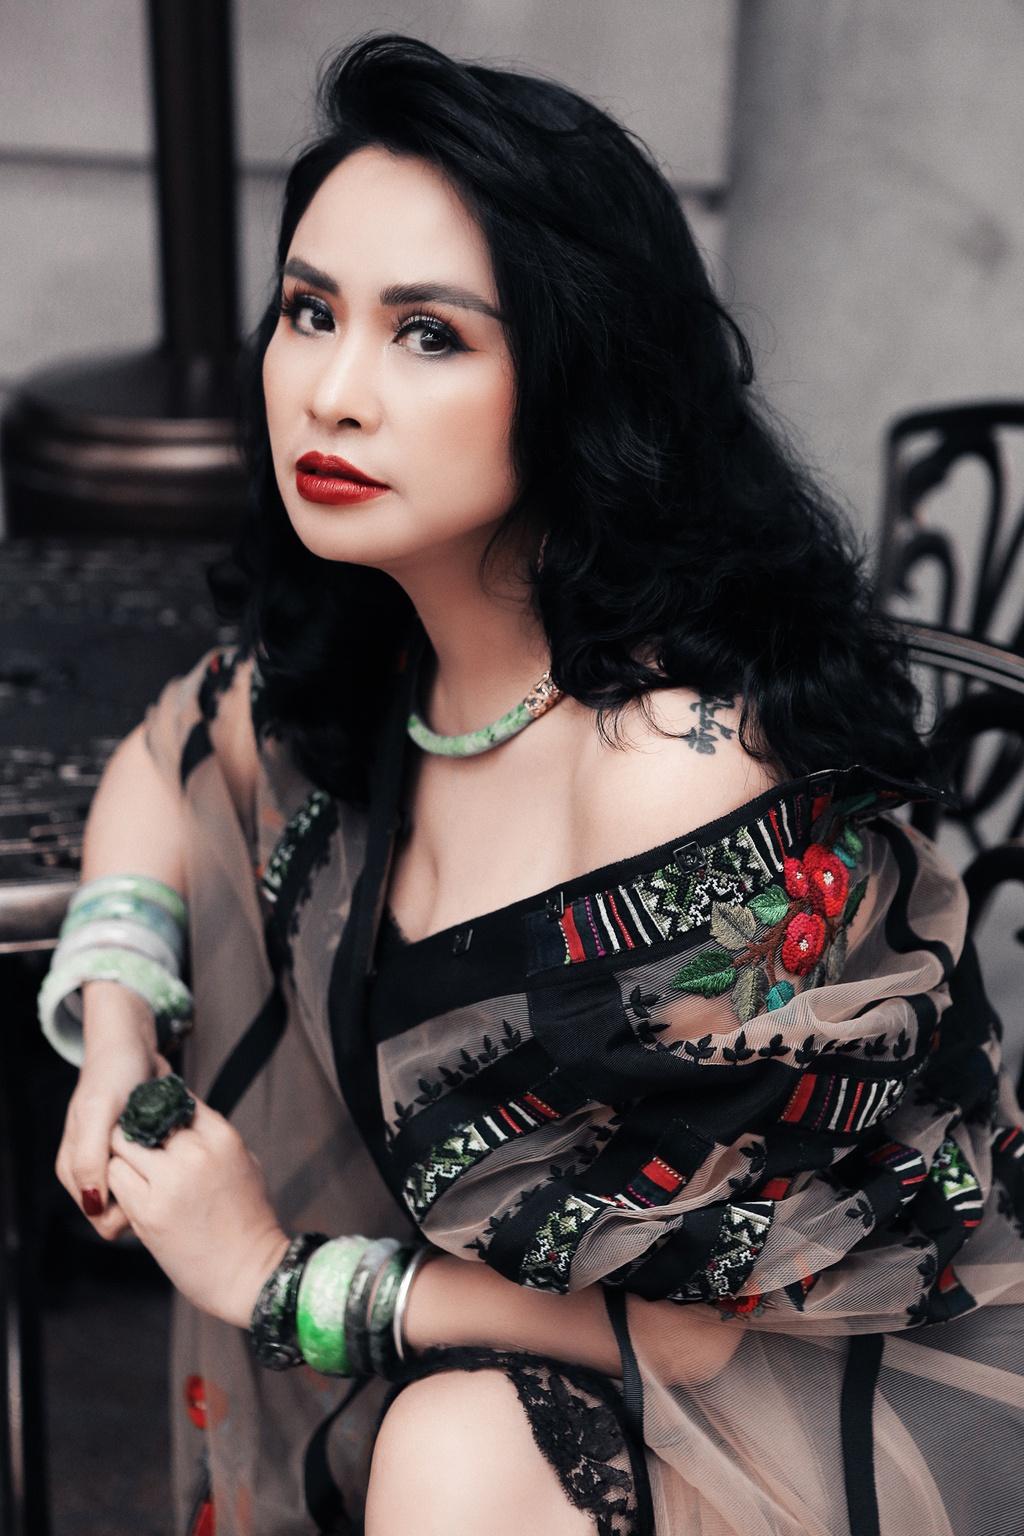 Diva Thanh Lam chia sẻ về bạn trai và tình yêu ở tuổi 51